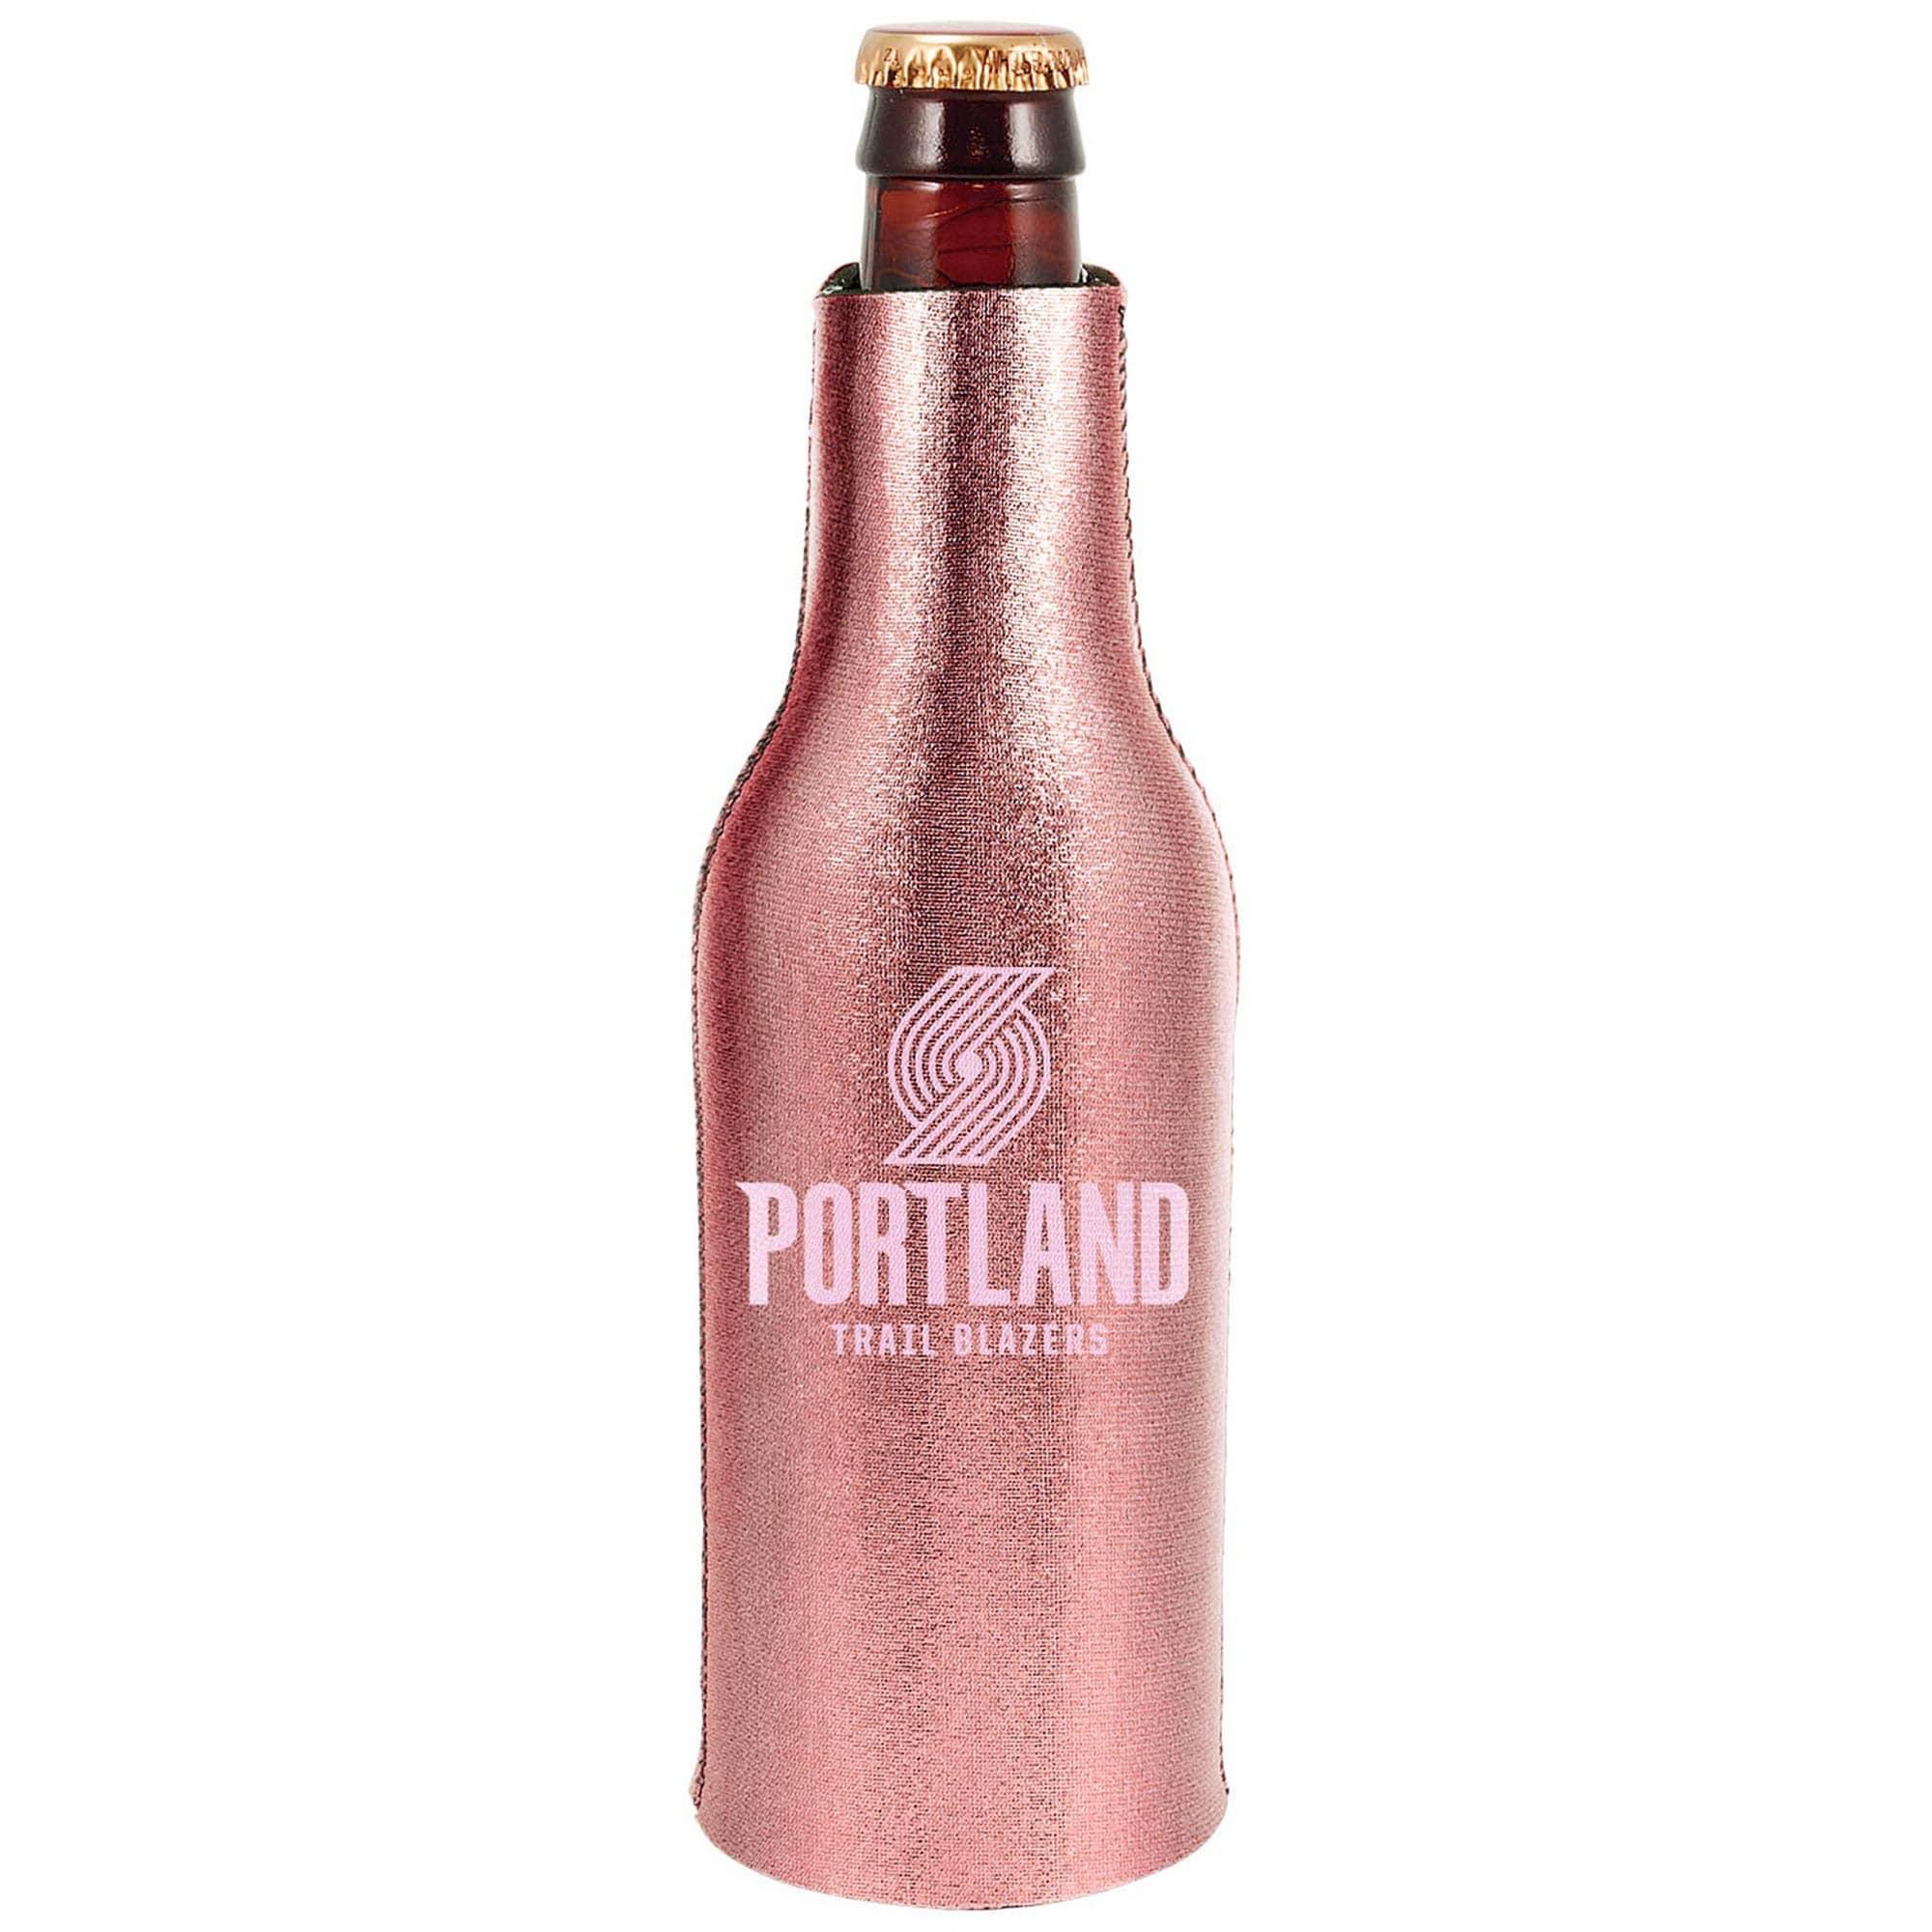 Portland Trail Blazers 12oz. Rose Gold Bottle Cooler